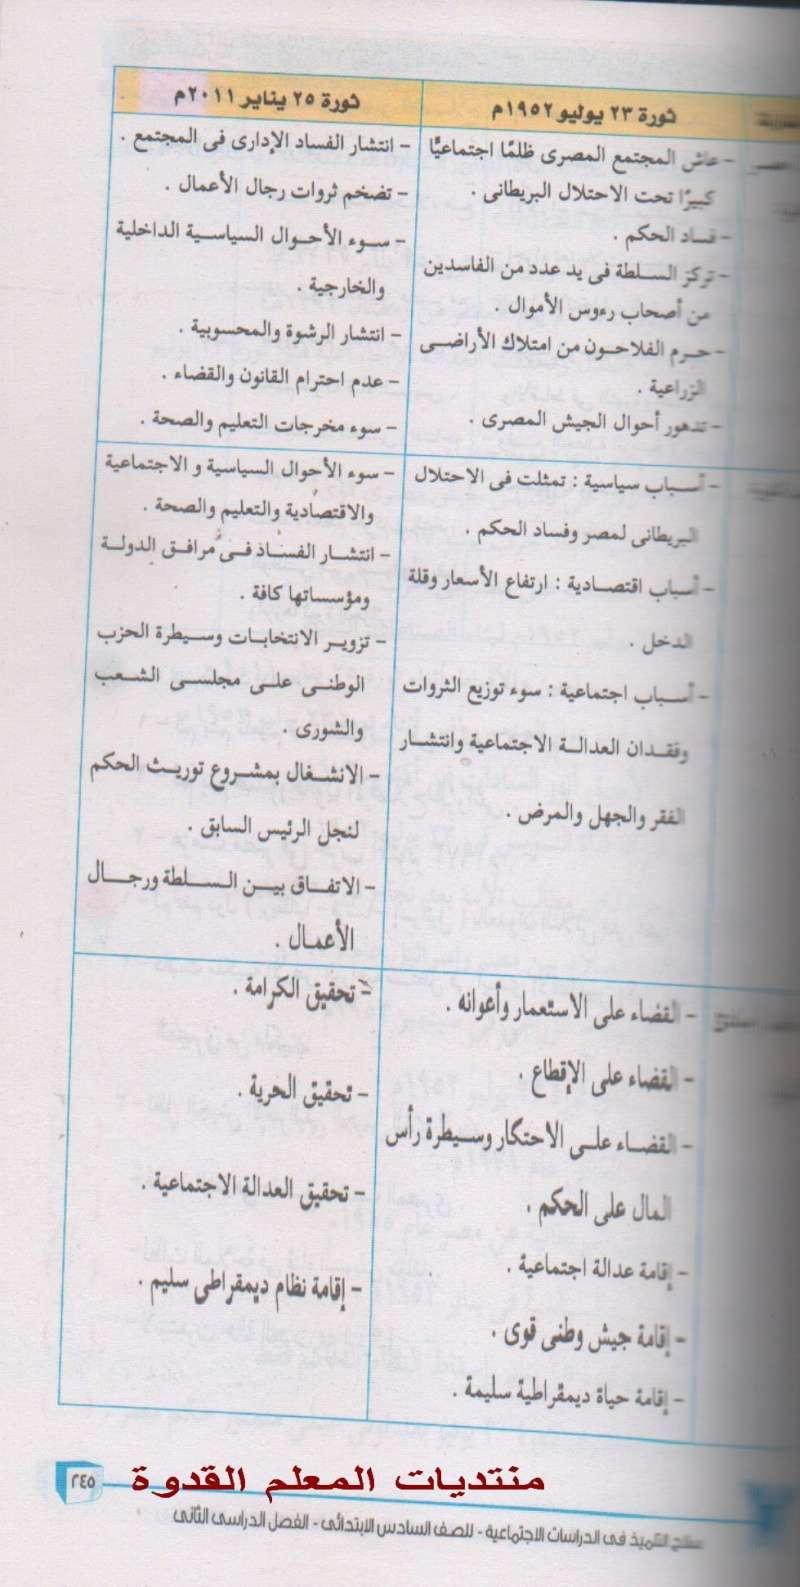 حصريا - ثورة 30 يونيه المقررة على درسات السادس الإبتدائى ترم ثانى2015 فقط 810